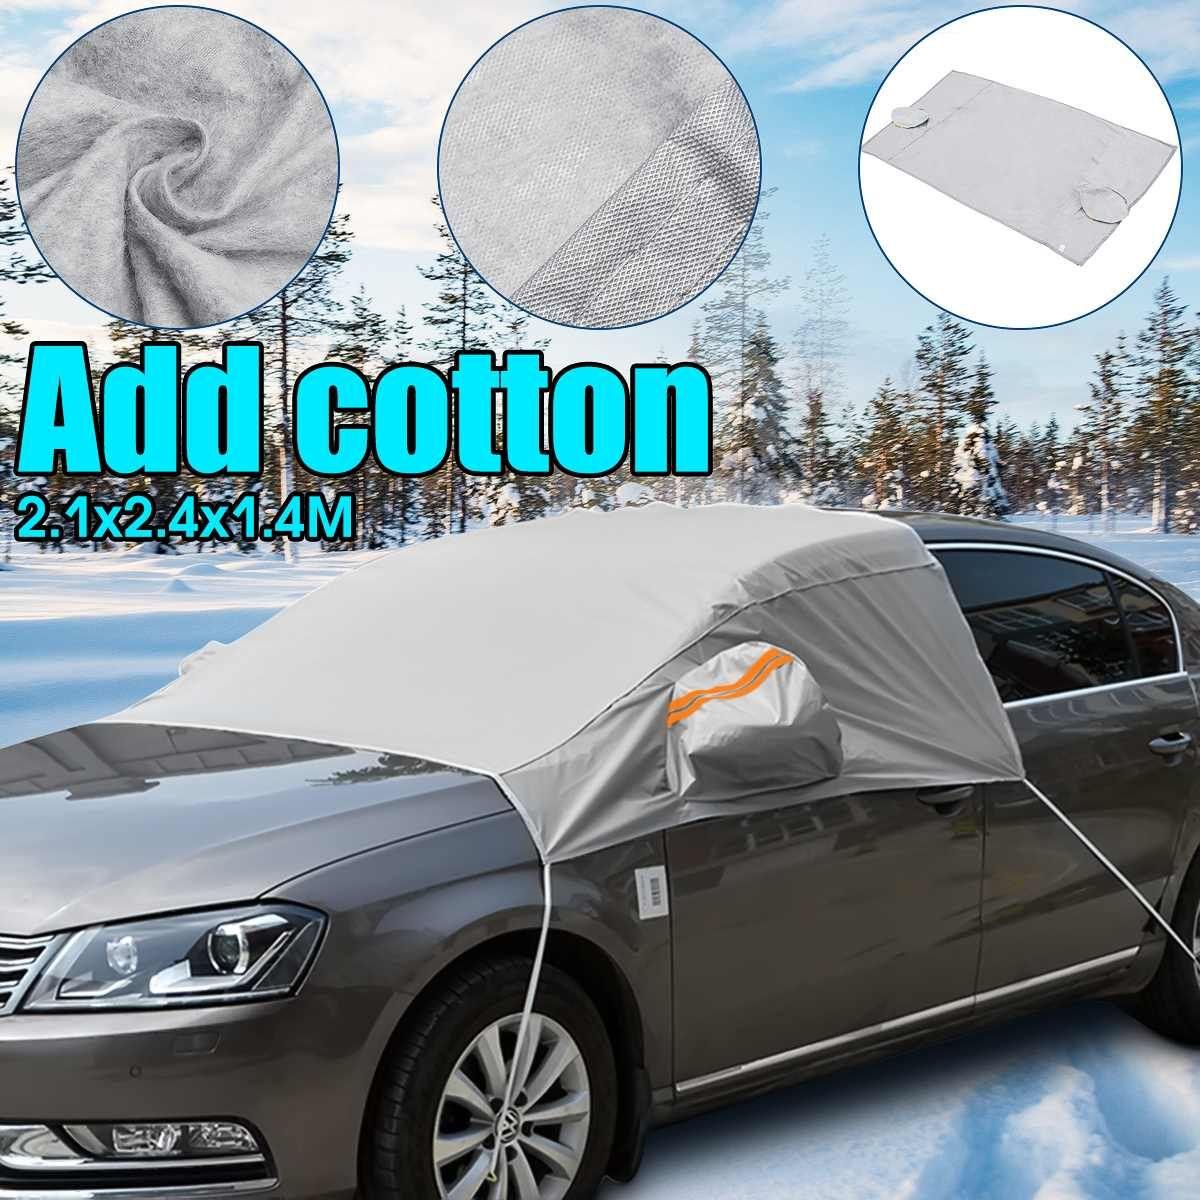 240 cm x 200 cm x 147 cm Universal Auto Front Fenster Windschutz Deckt Sonnenschirm Abdeckung Schnee UV Eis Schild für Windschutzscheibe Winter Sommer